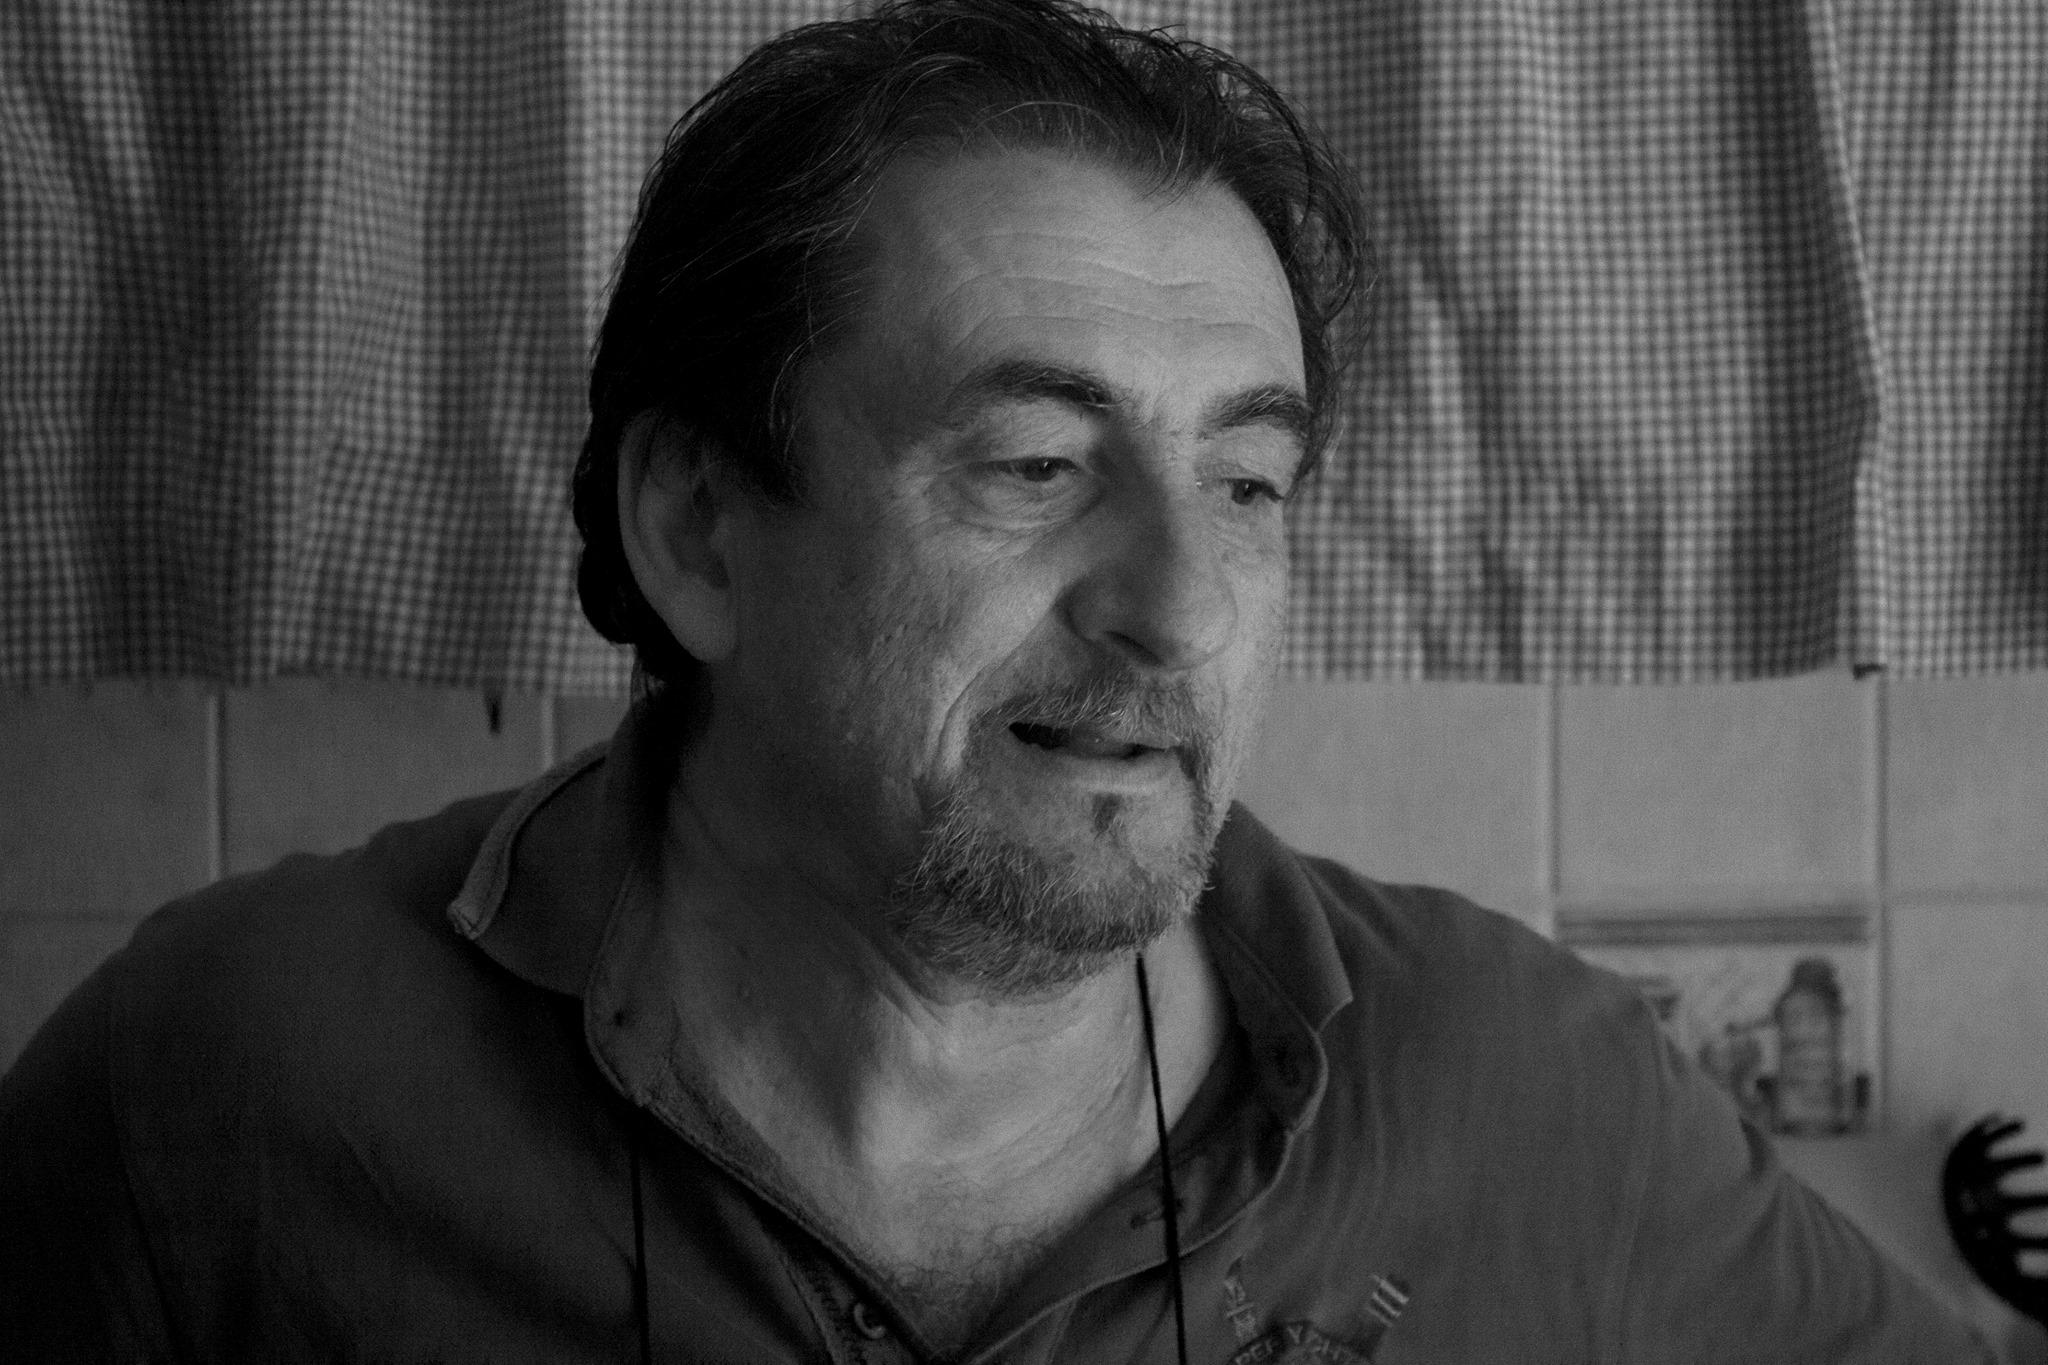 Luciano Capellini, Dieci Anni di Cinque Terre